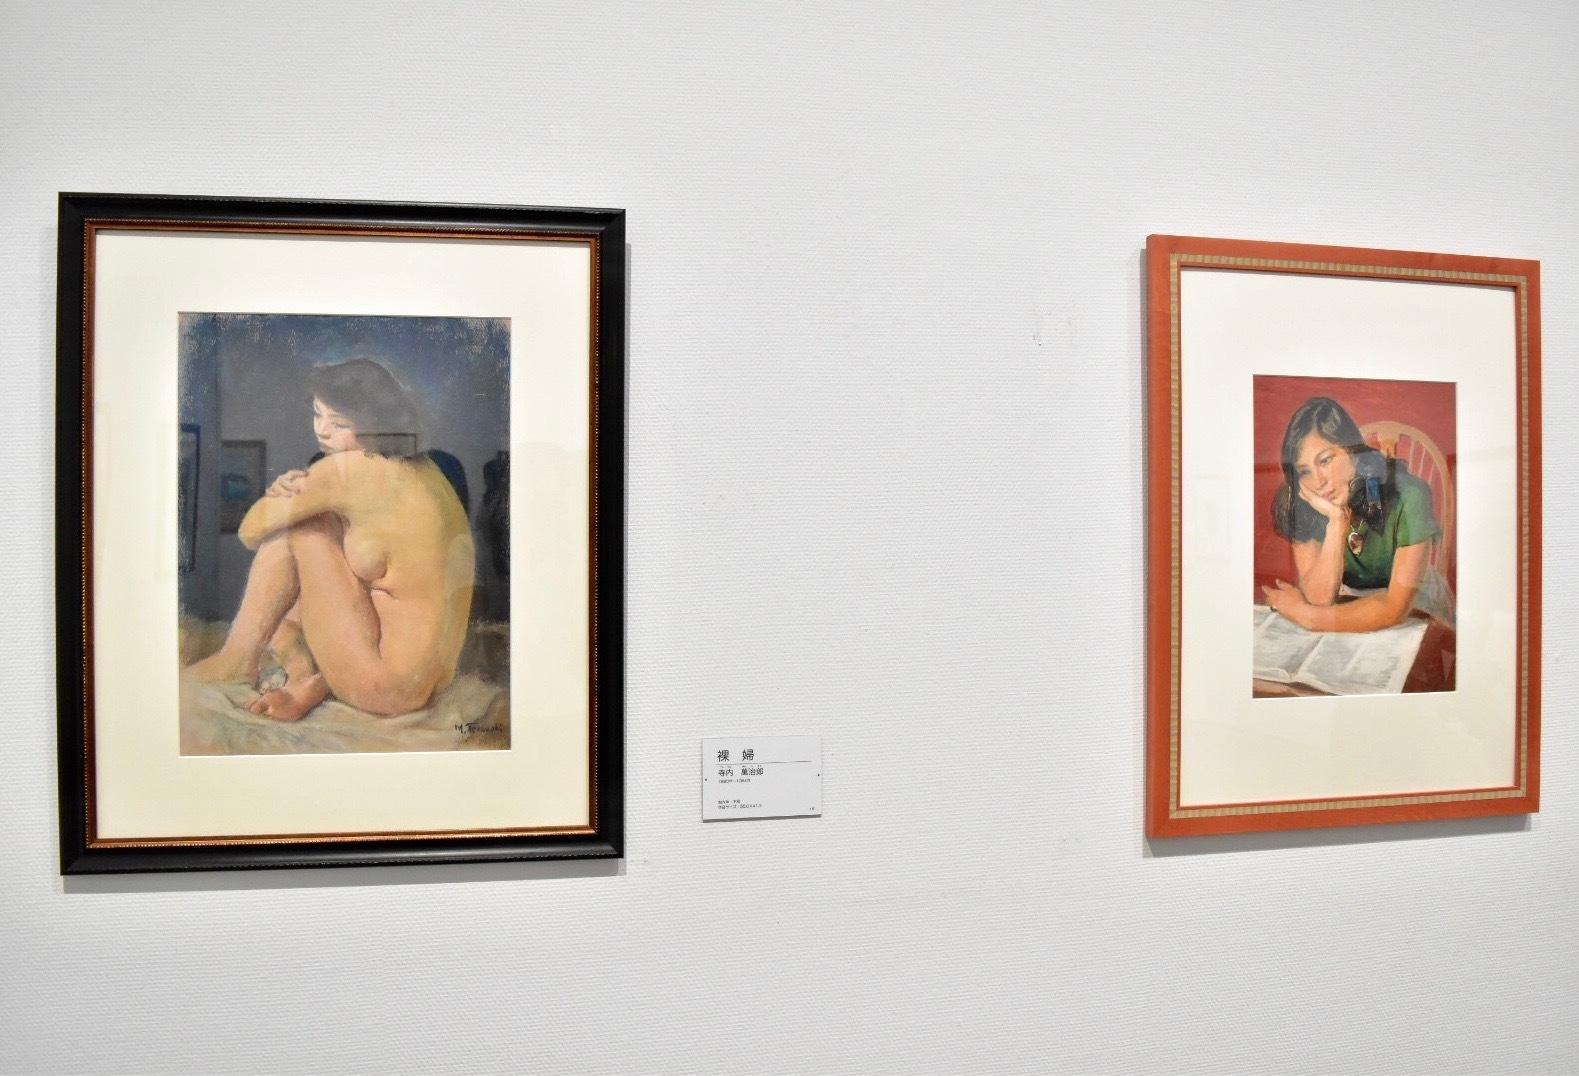 左:寺内萬治郎 《裸婦》制作年不明 右:寺内萬治郎 《緑衣の婦人像》制作年不明